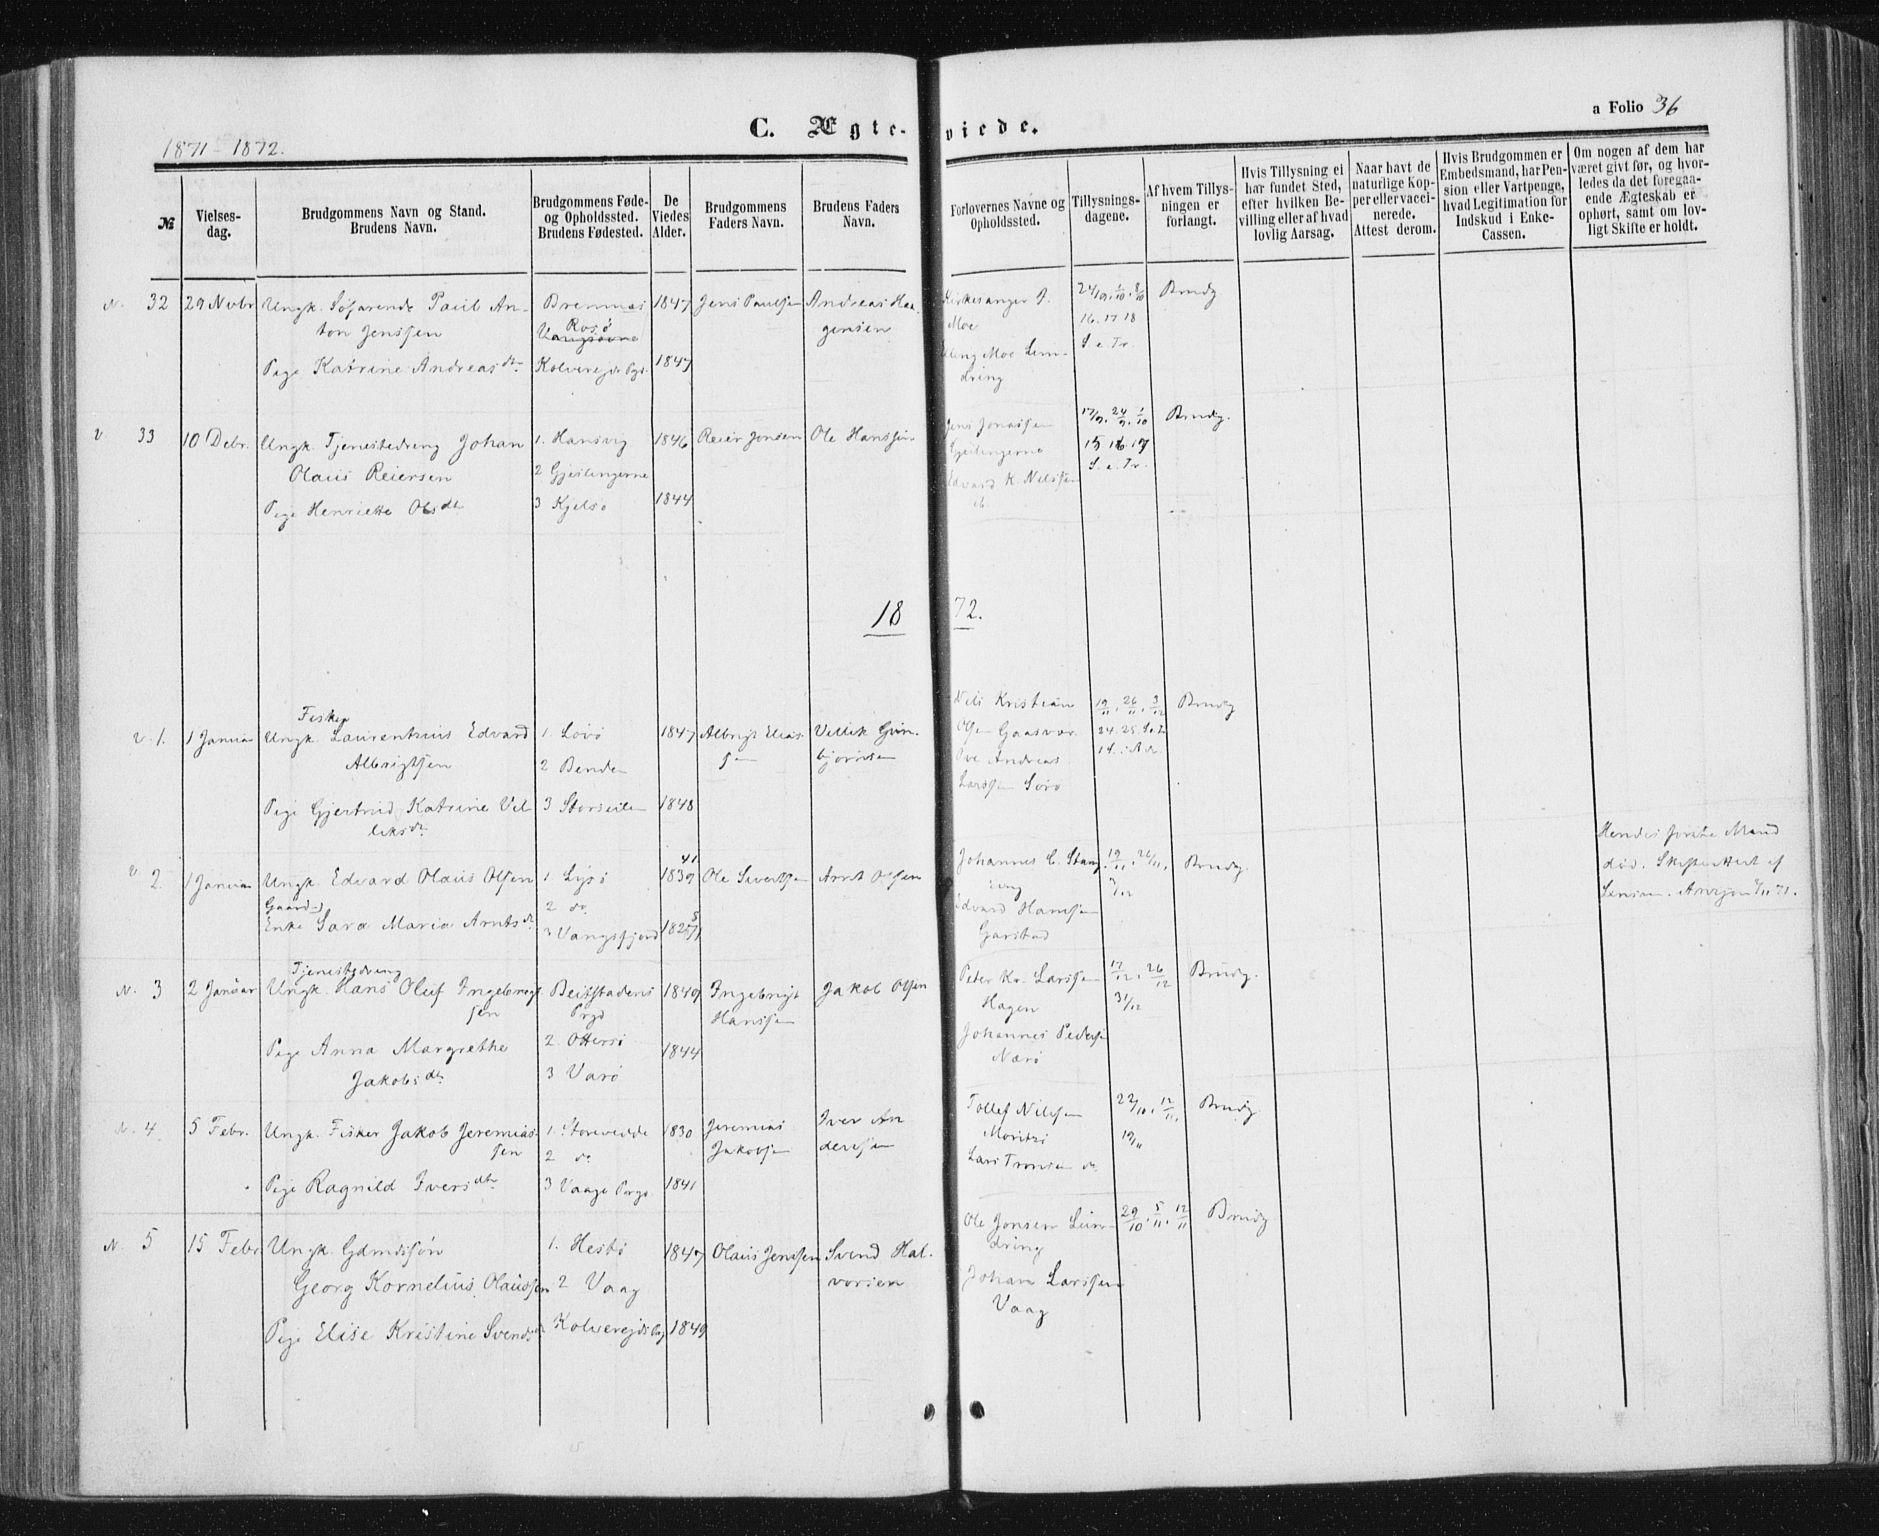 SAT, Ministerialprotokoller, klokkerbøker og fødselsregistre - Nord-Trøndelag, 784/L0670: Ministerialbok nr. 784A05, 1860-1876, s. 36